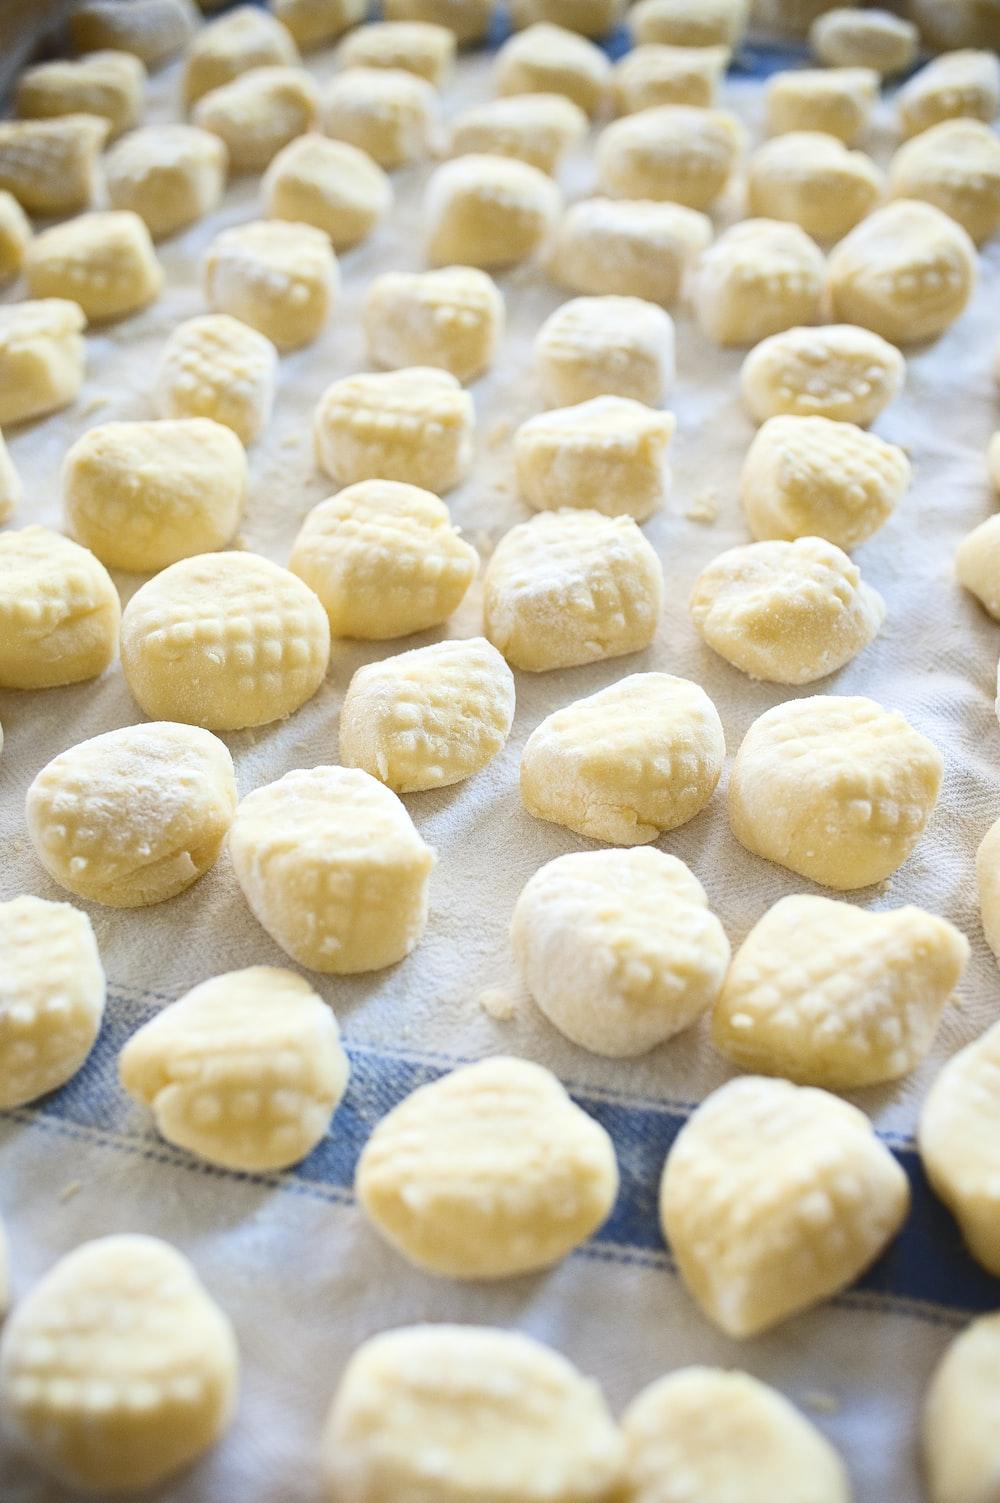 white round food on blue textile